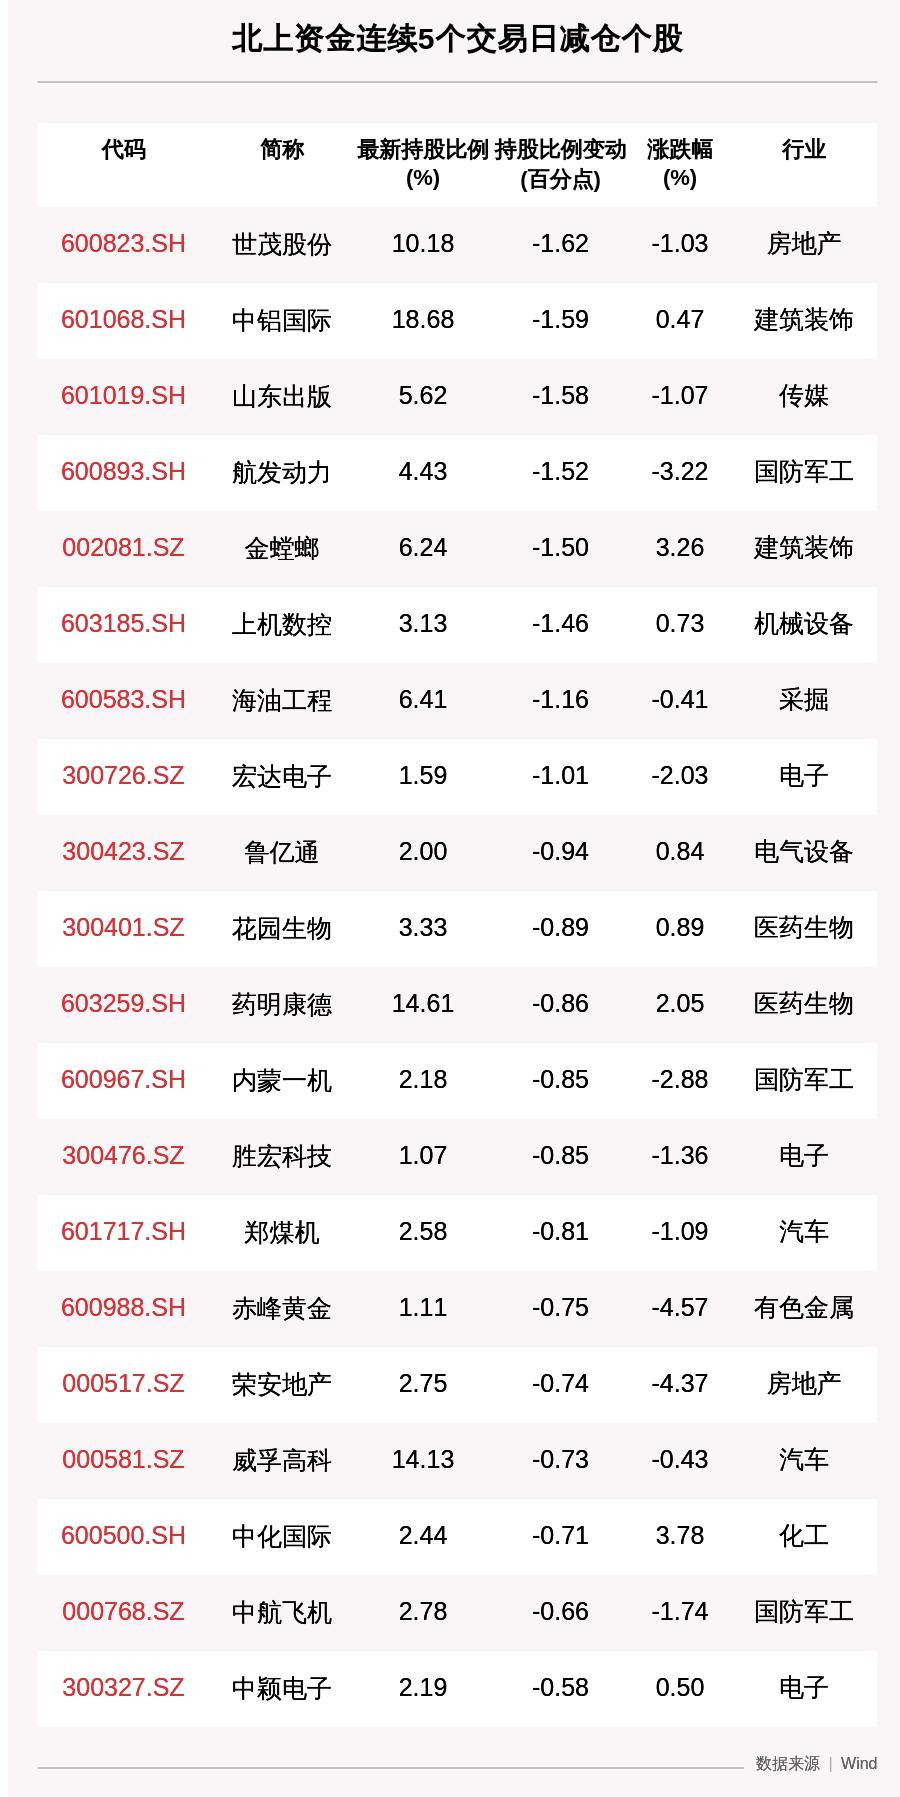 揭秘北上资金:连续5日减仓70只个股,世茂股份减持比例增幅最大(附名单)